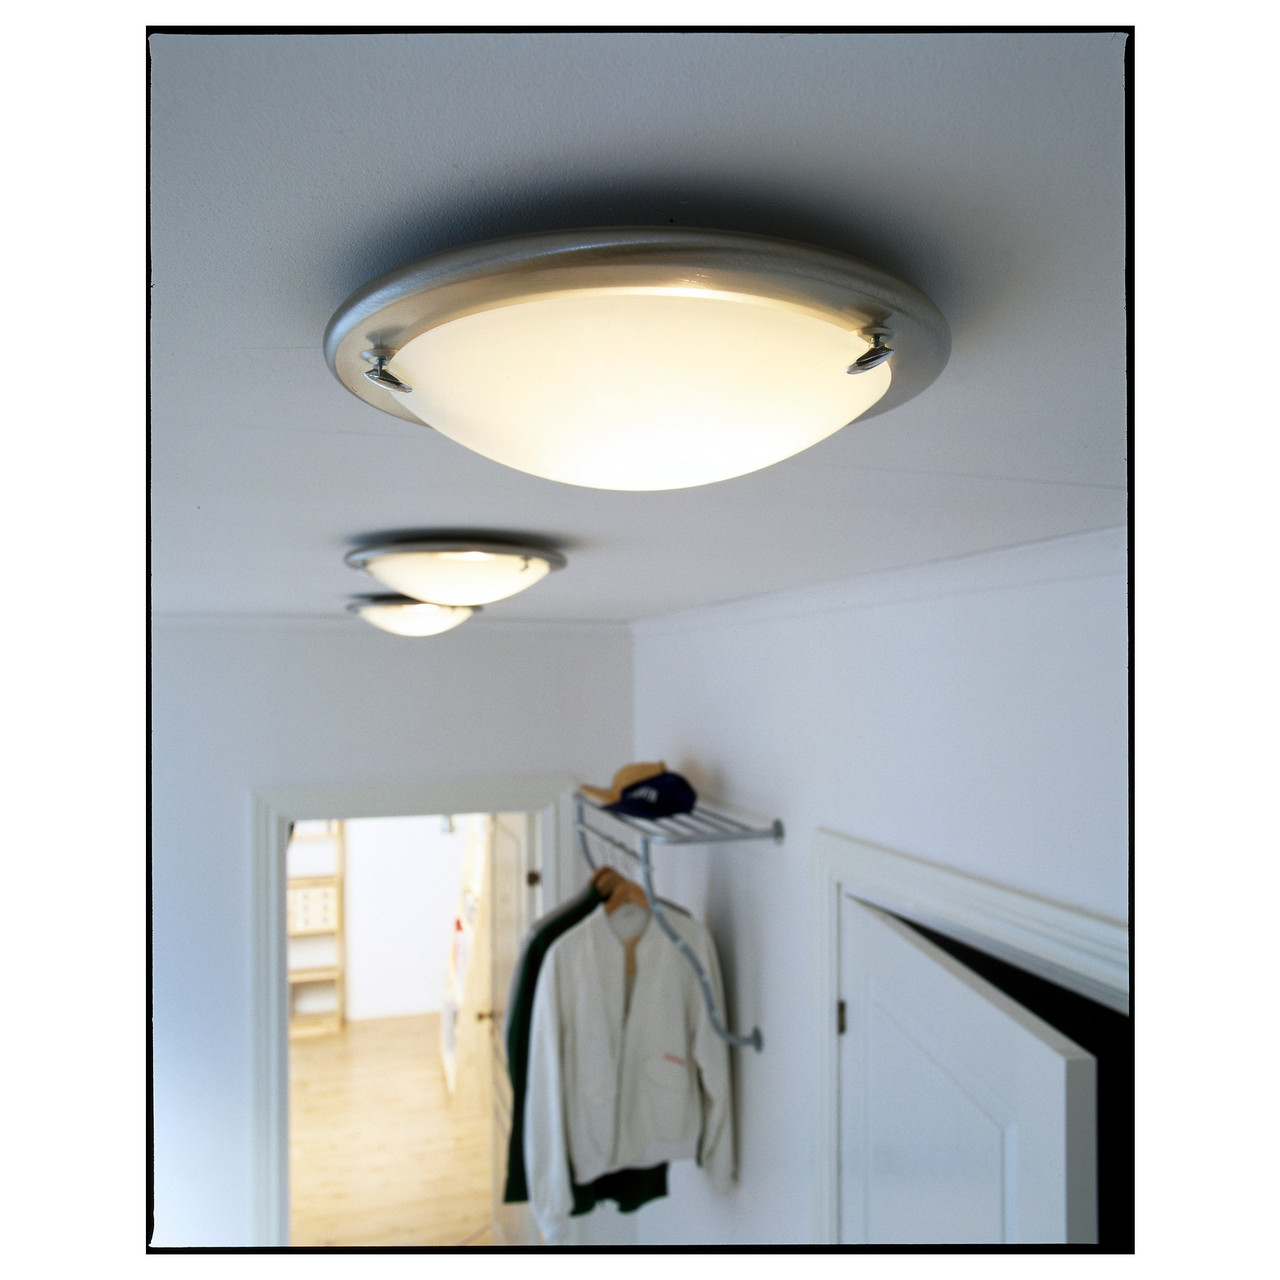 PULT Потолочный светильник, сталь 901.929.00